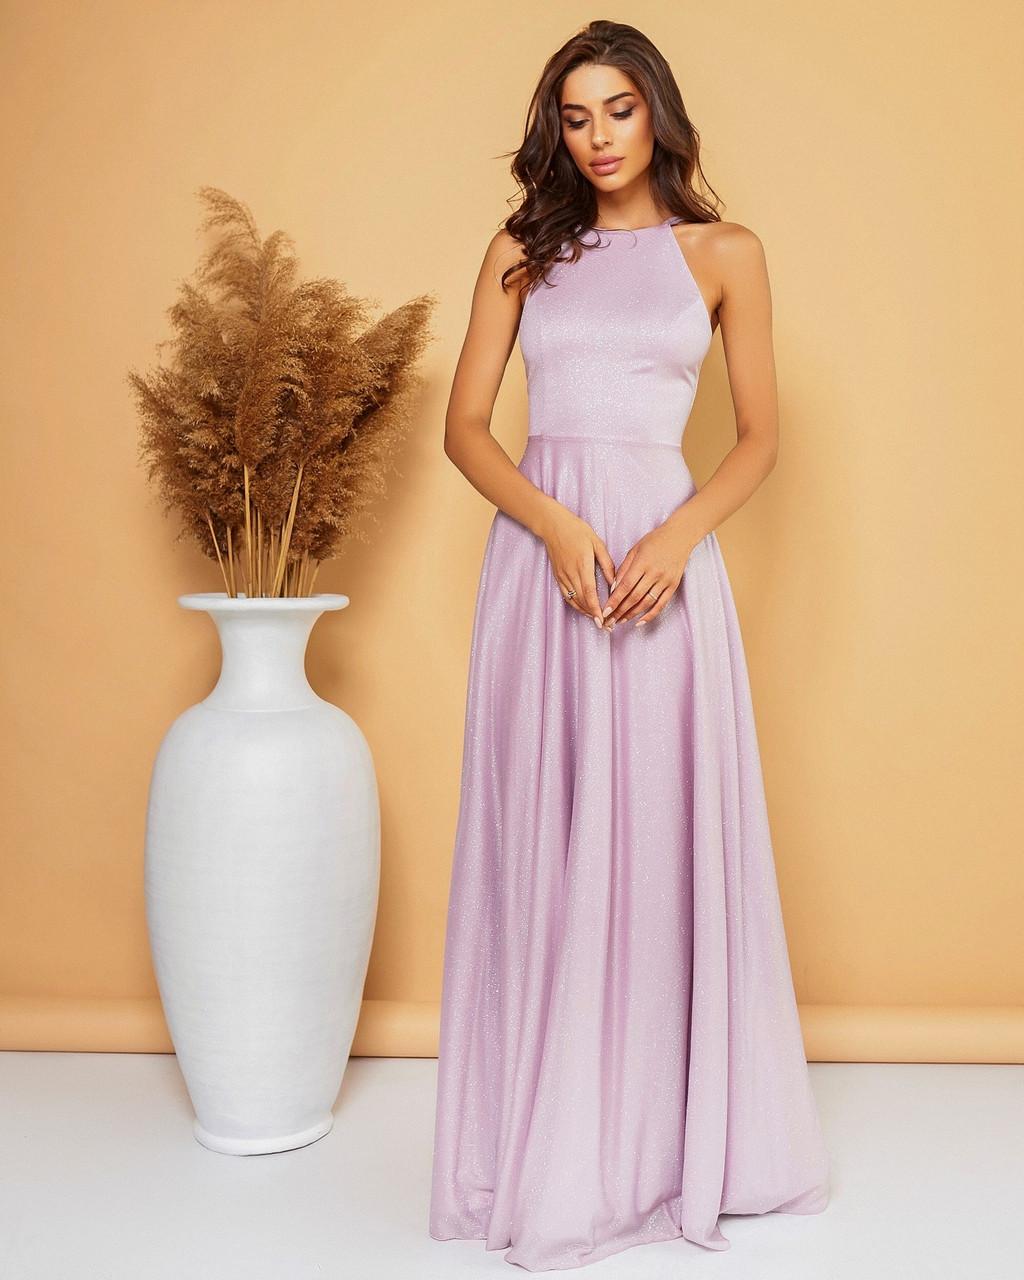 Вечірня сукня довжиною в підлогу з відкритою спиною, 00764 (Ліловий), Розмір 44 (M)